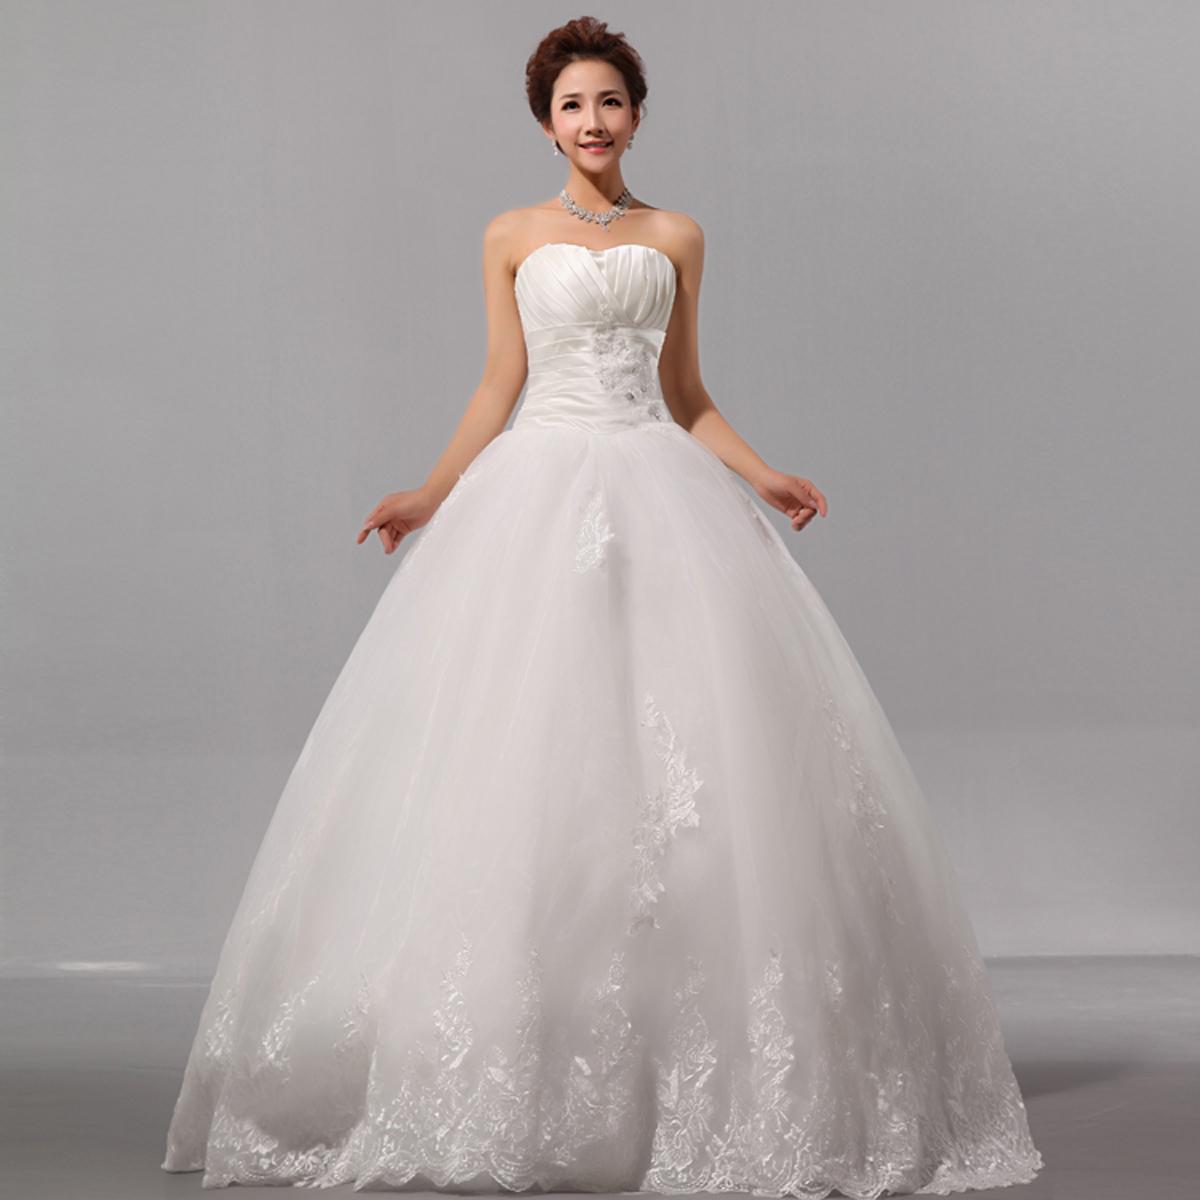 婚纱礼服 2013最新款 甜美 韩版 婚纱礼服花边婚纱 新娘显瘦婚纱